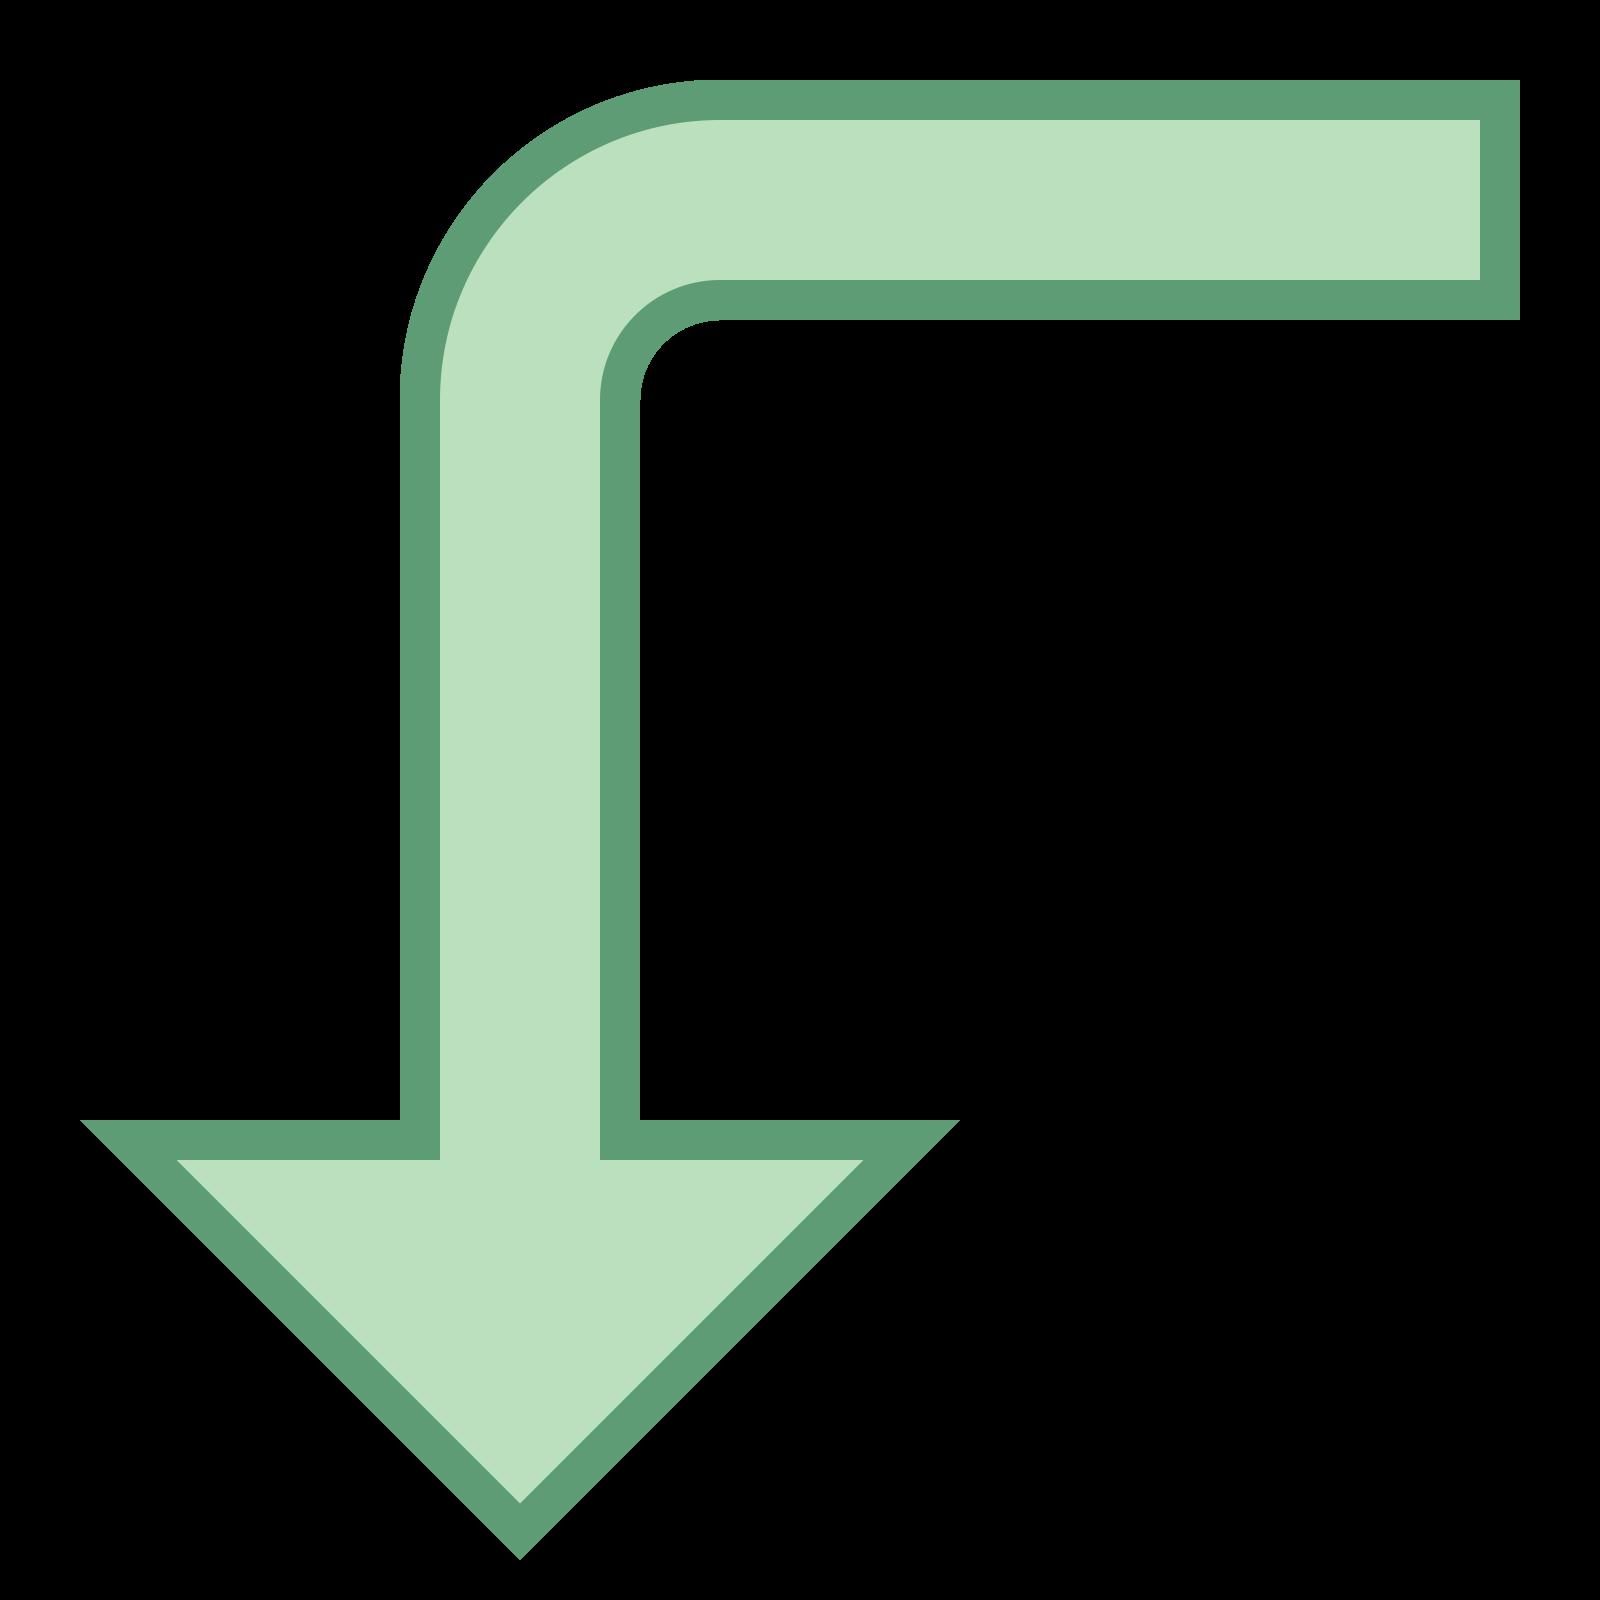 Left Down 2 icon